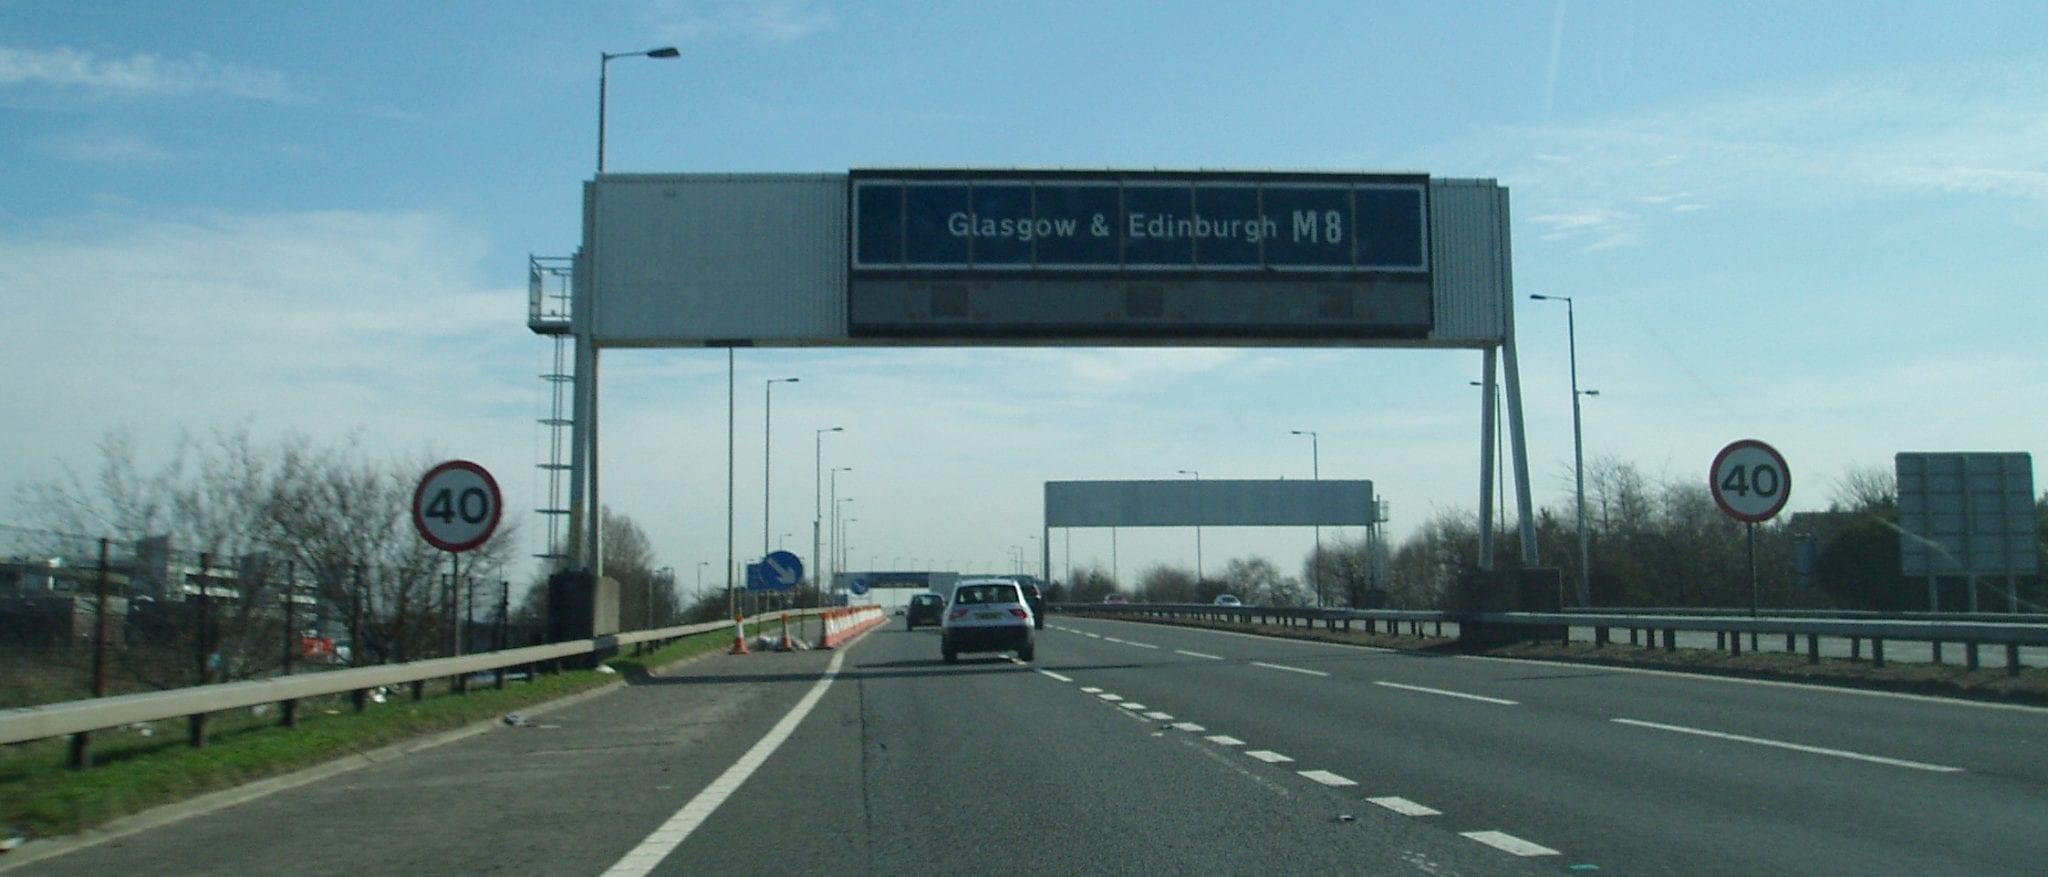 Excursiones de Edimburgo a Glasgow